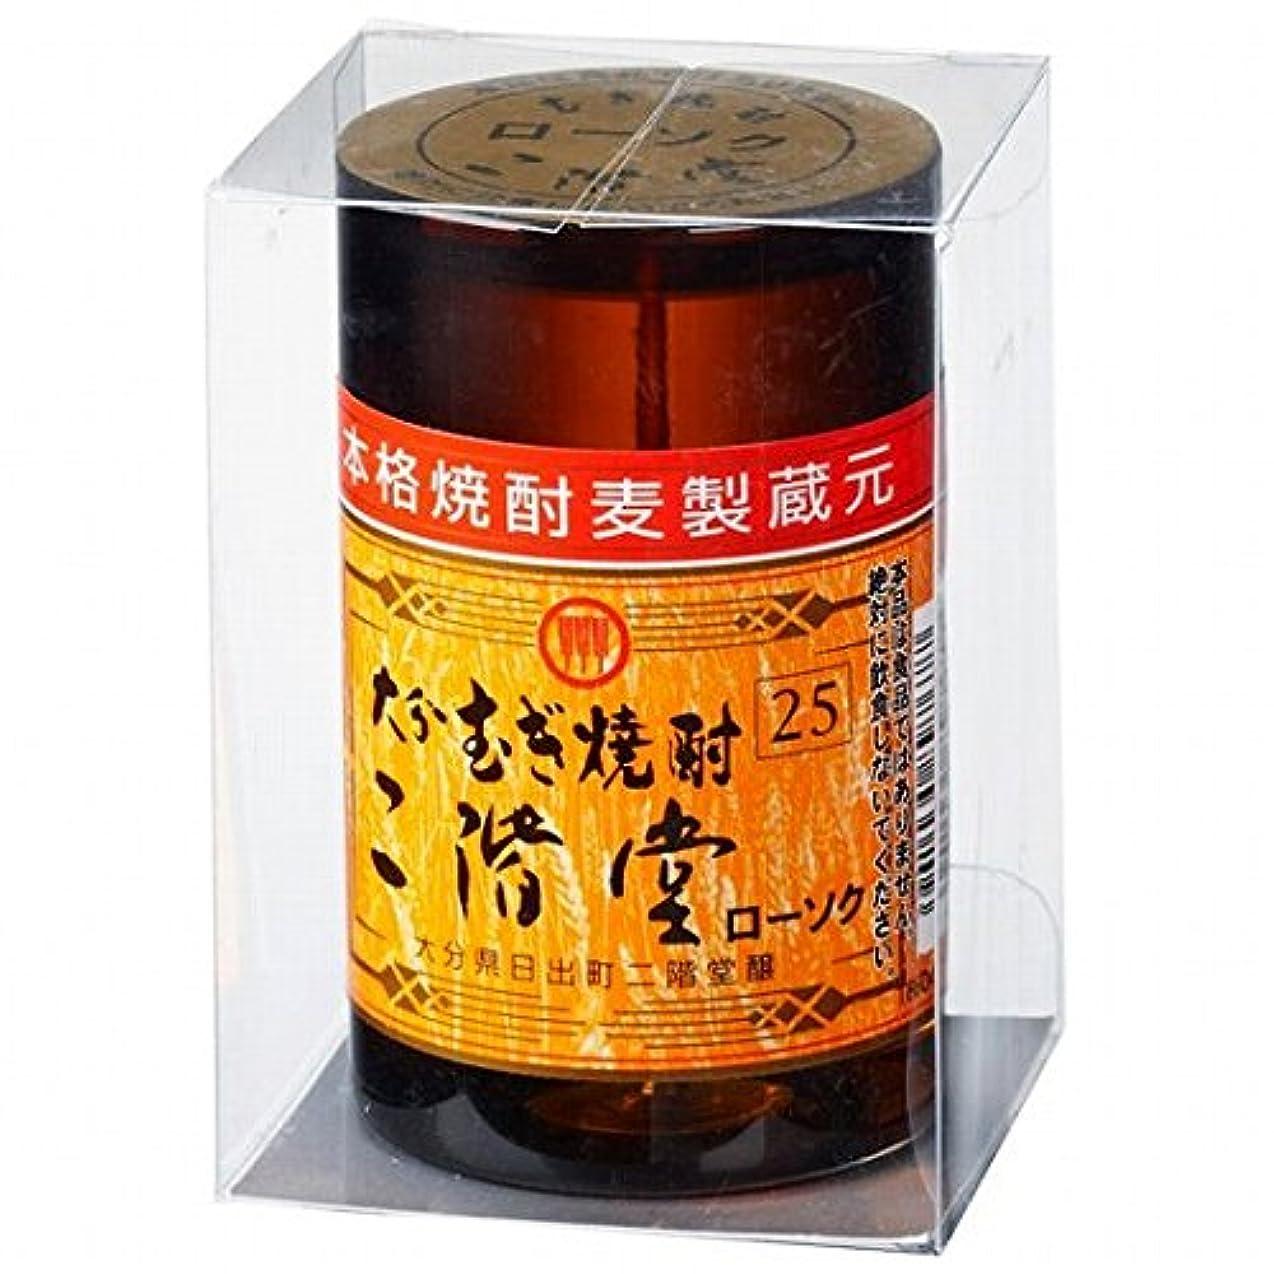 レベル嫌がるミュウミュウカメヤマキャンドル(kameyama candle) 大分むぎ焼酎 二階堂ローソク キャンドル